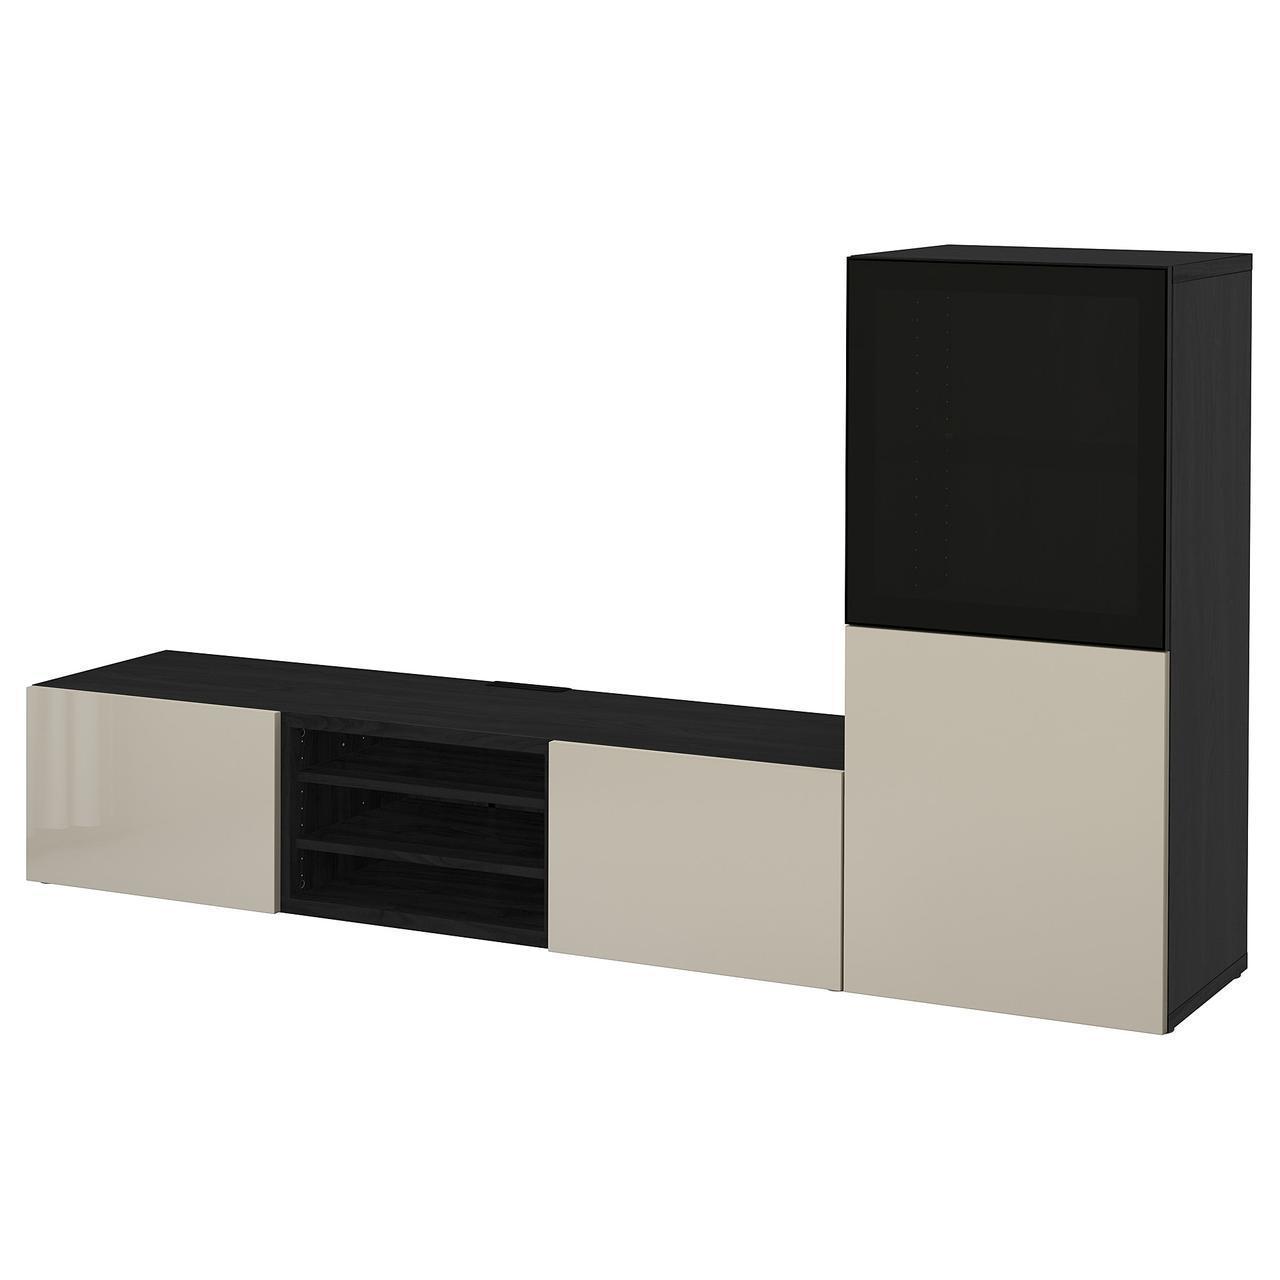 IKEA BESTA Тумба под телевизор с стеклянными дверьми, черно-коричневый, Сельсвикен (591.899.57)